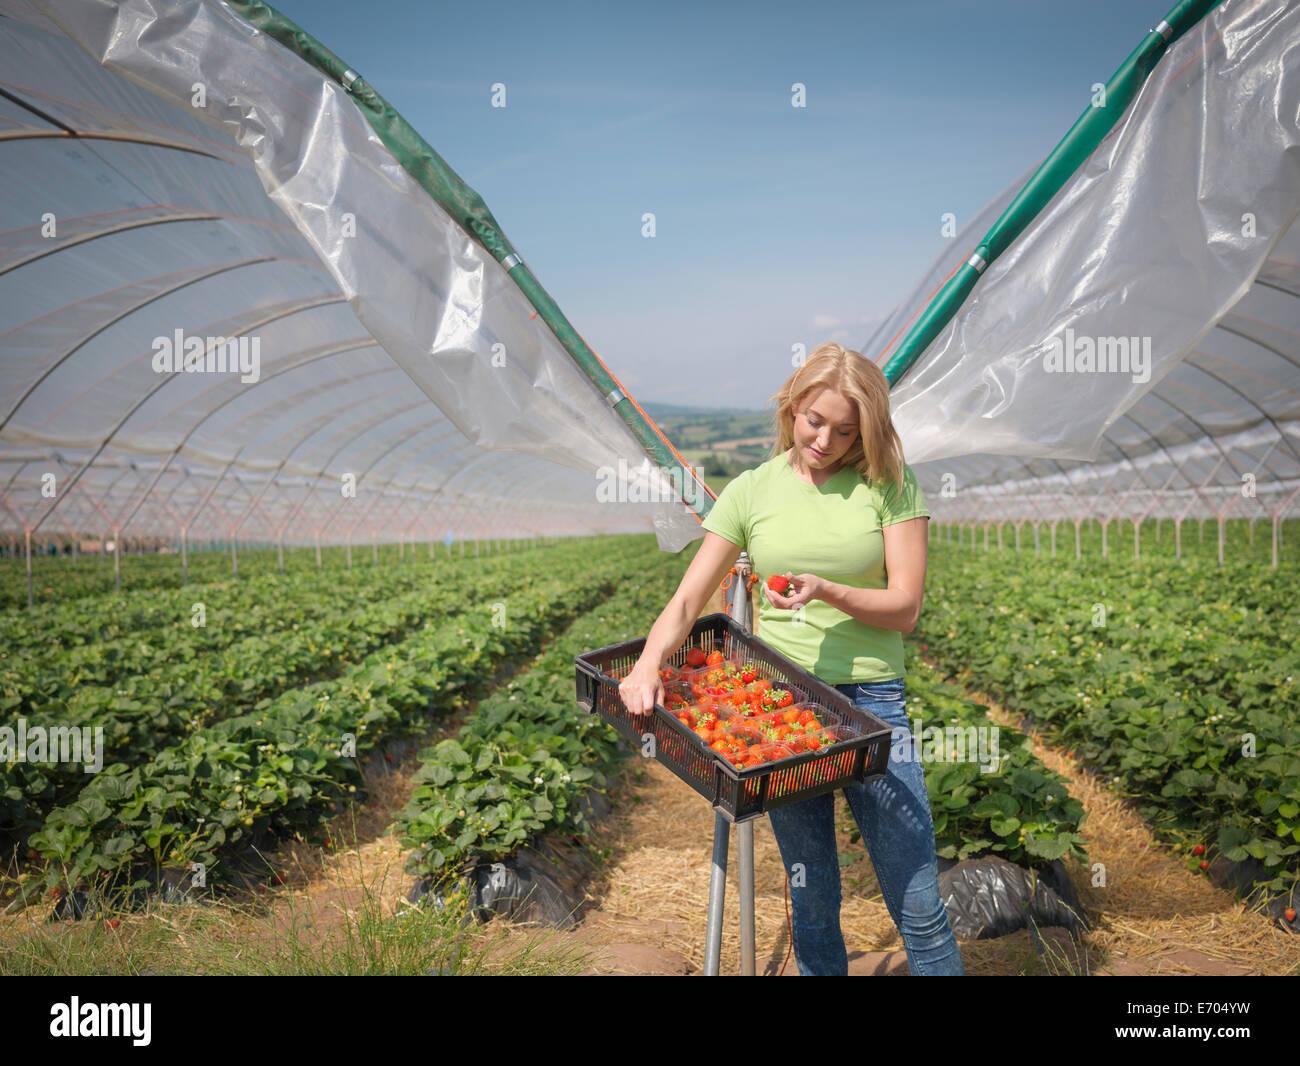 Comprobación del trabajador fresas a la granja de frutas Imagen De Stock